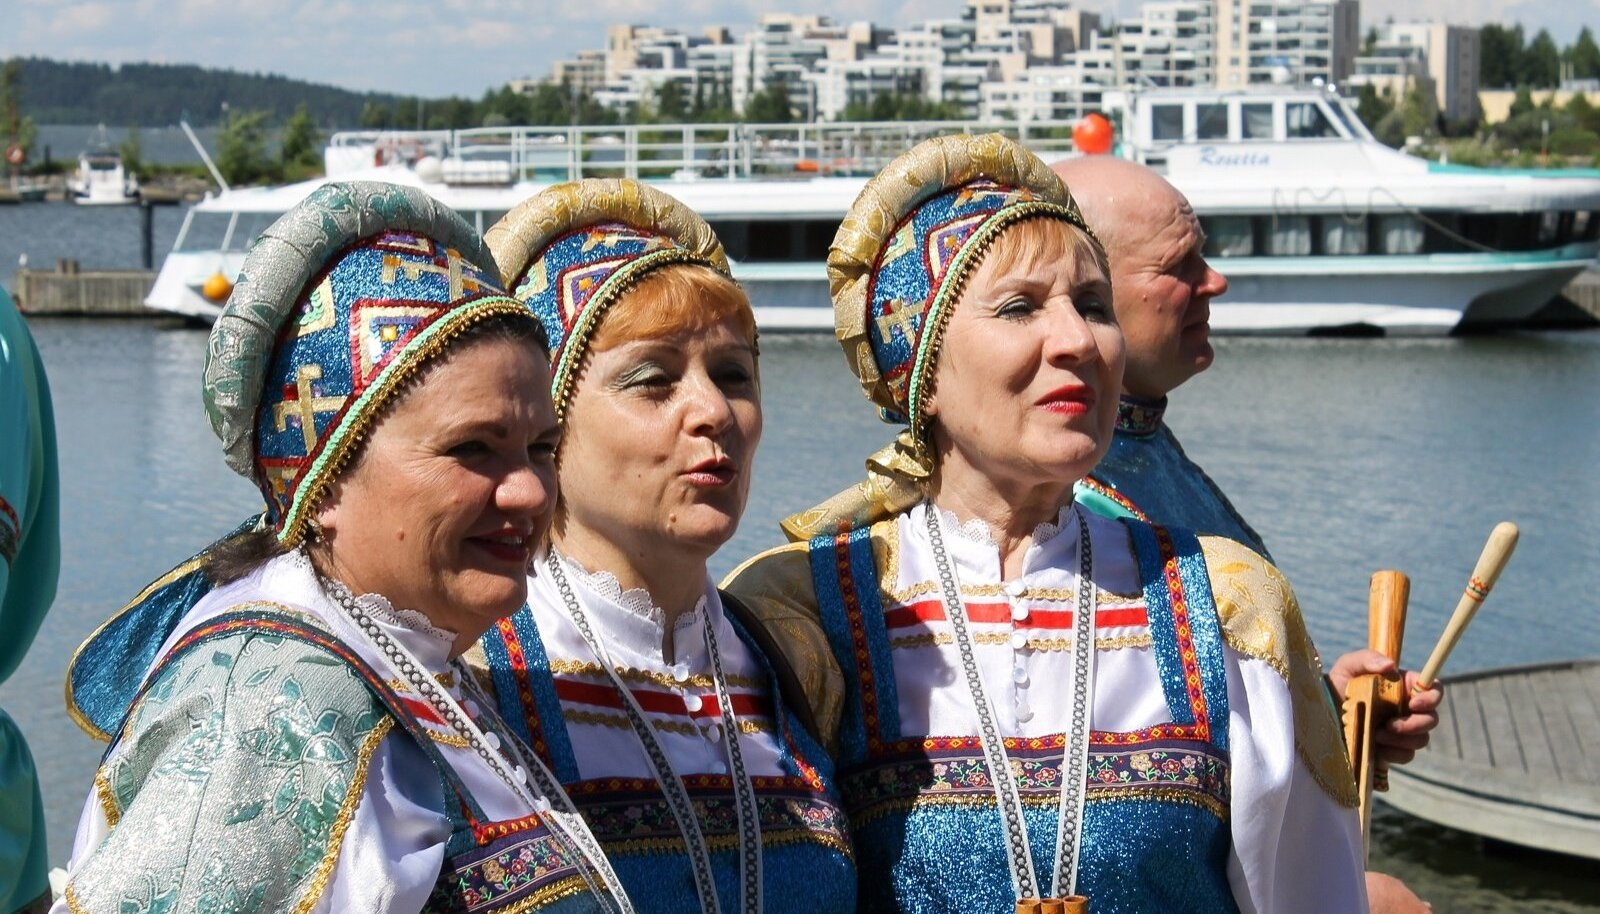 Soome-ugri maailmakongress Lahti, Soome